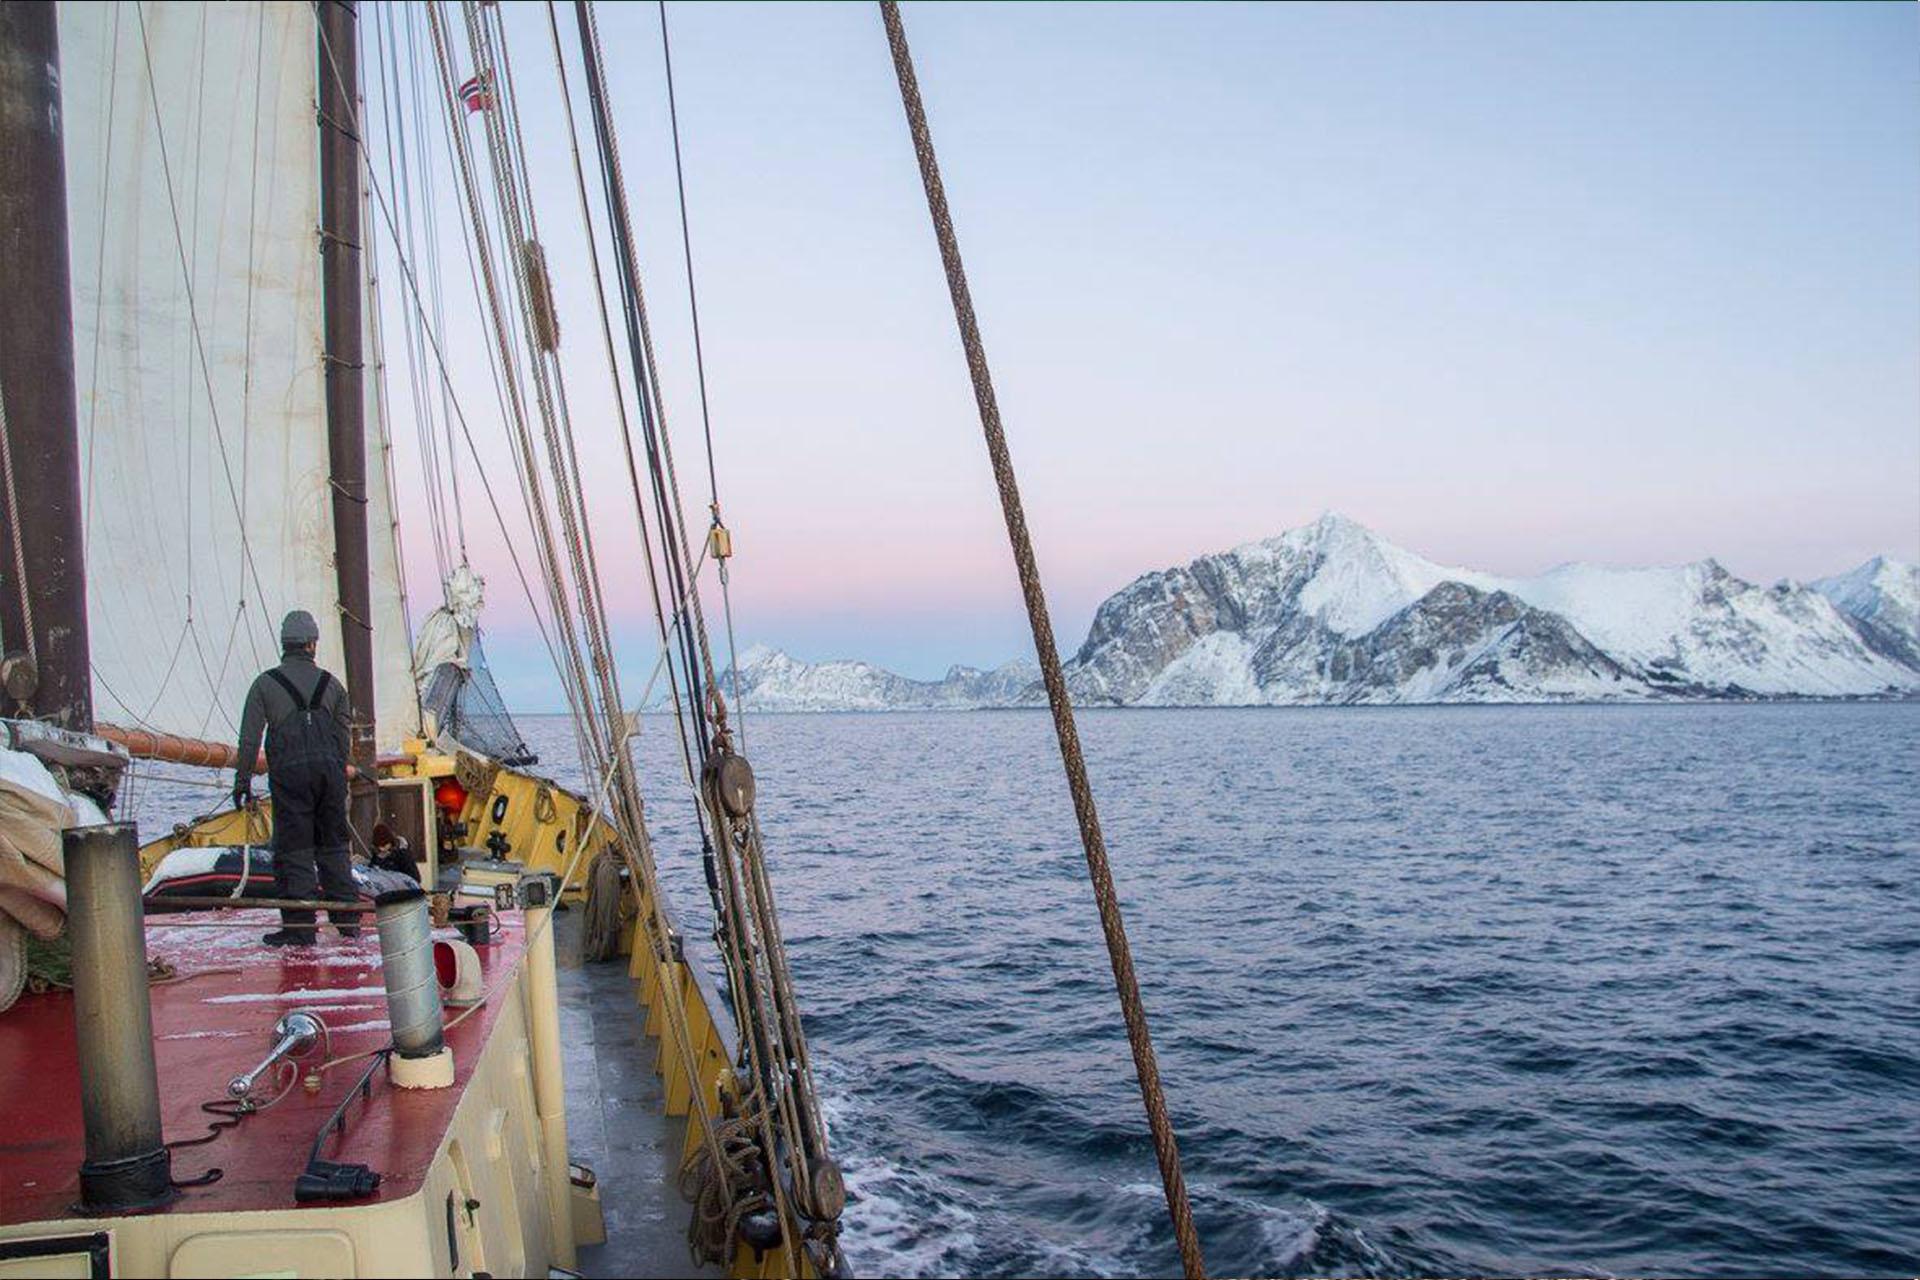 Nooderlicht sailing in Norway